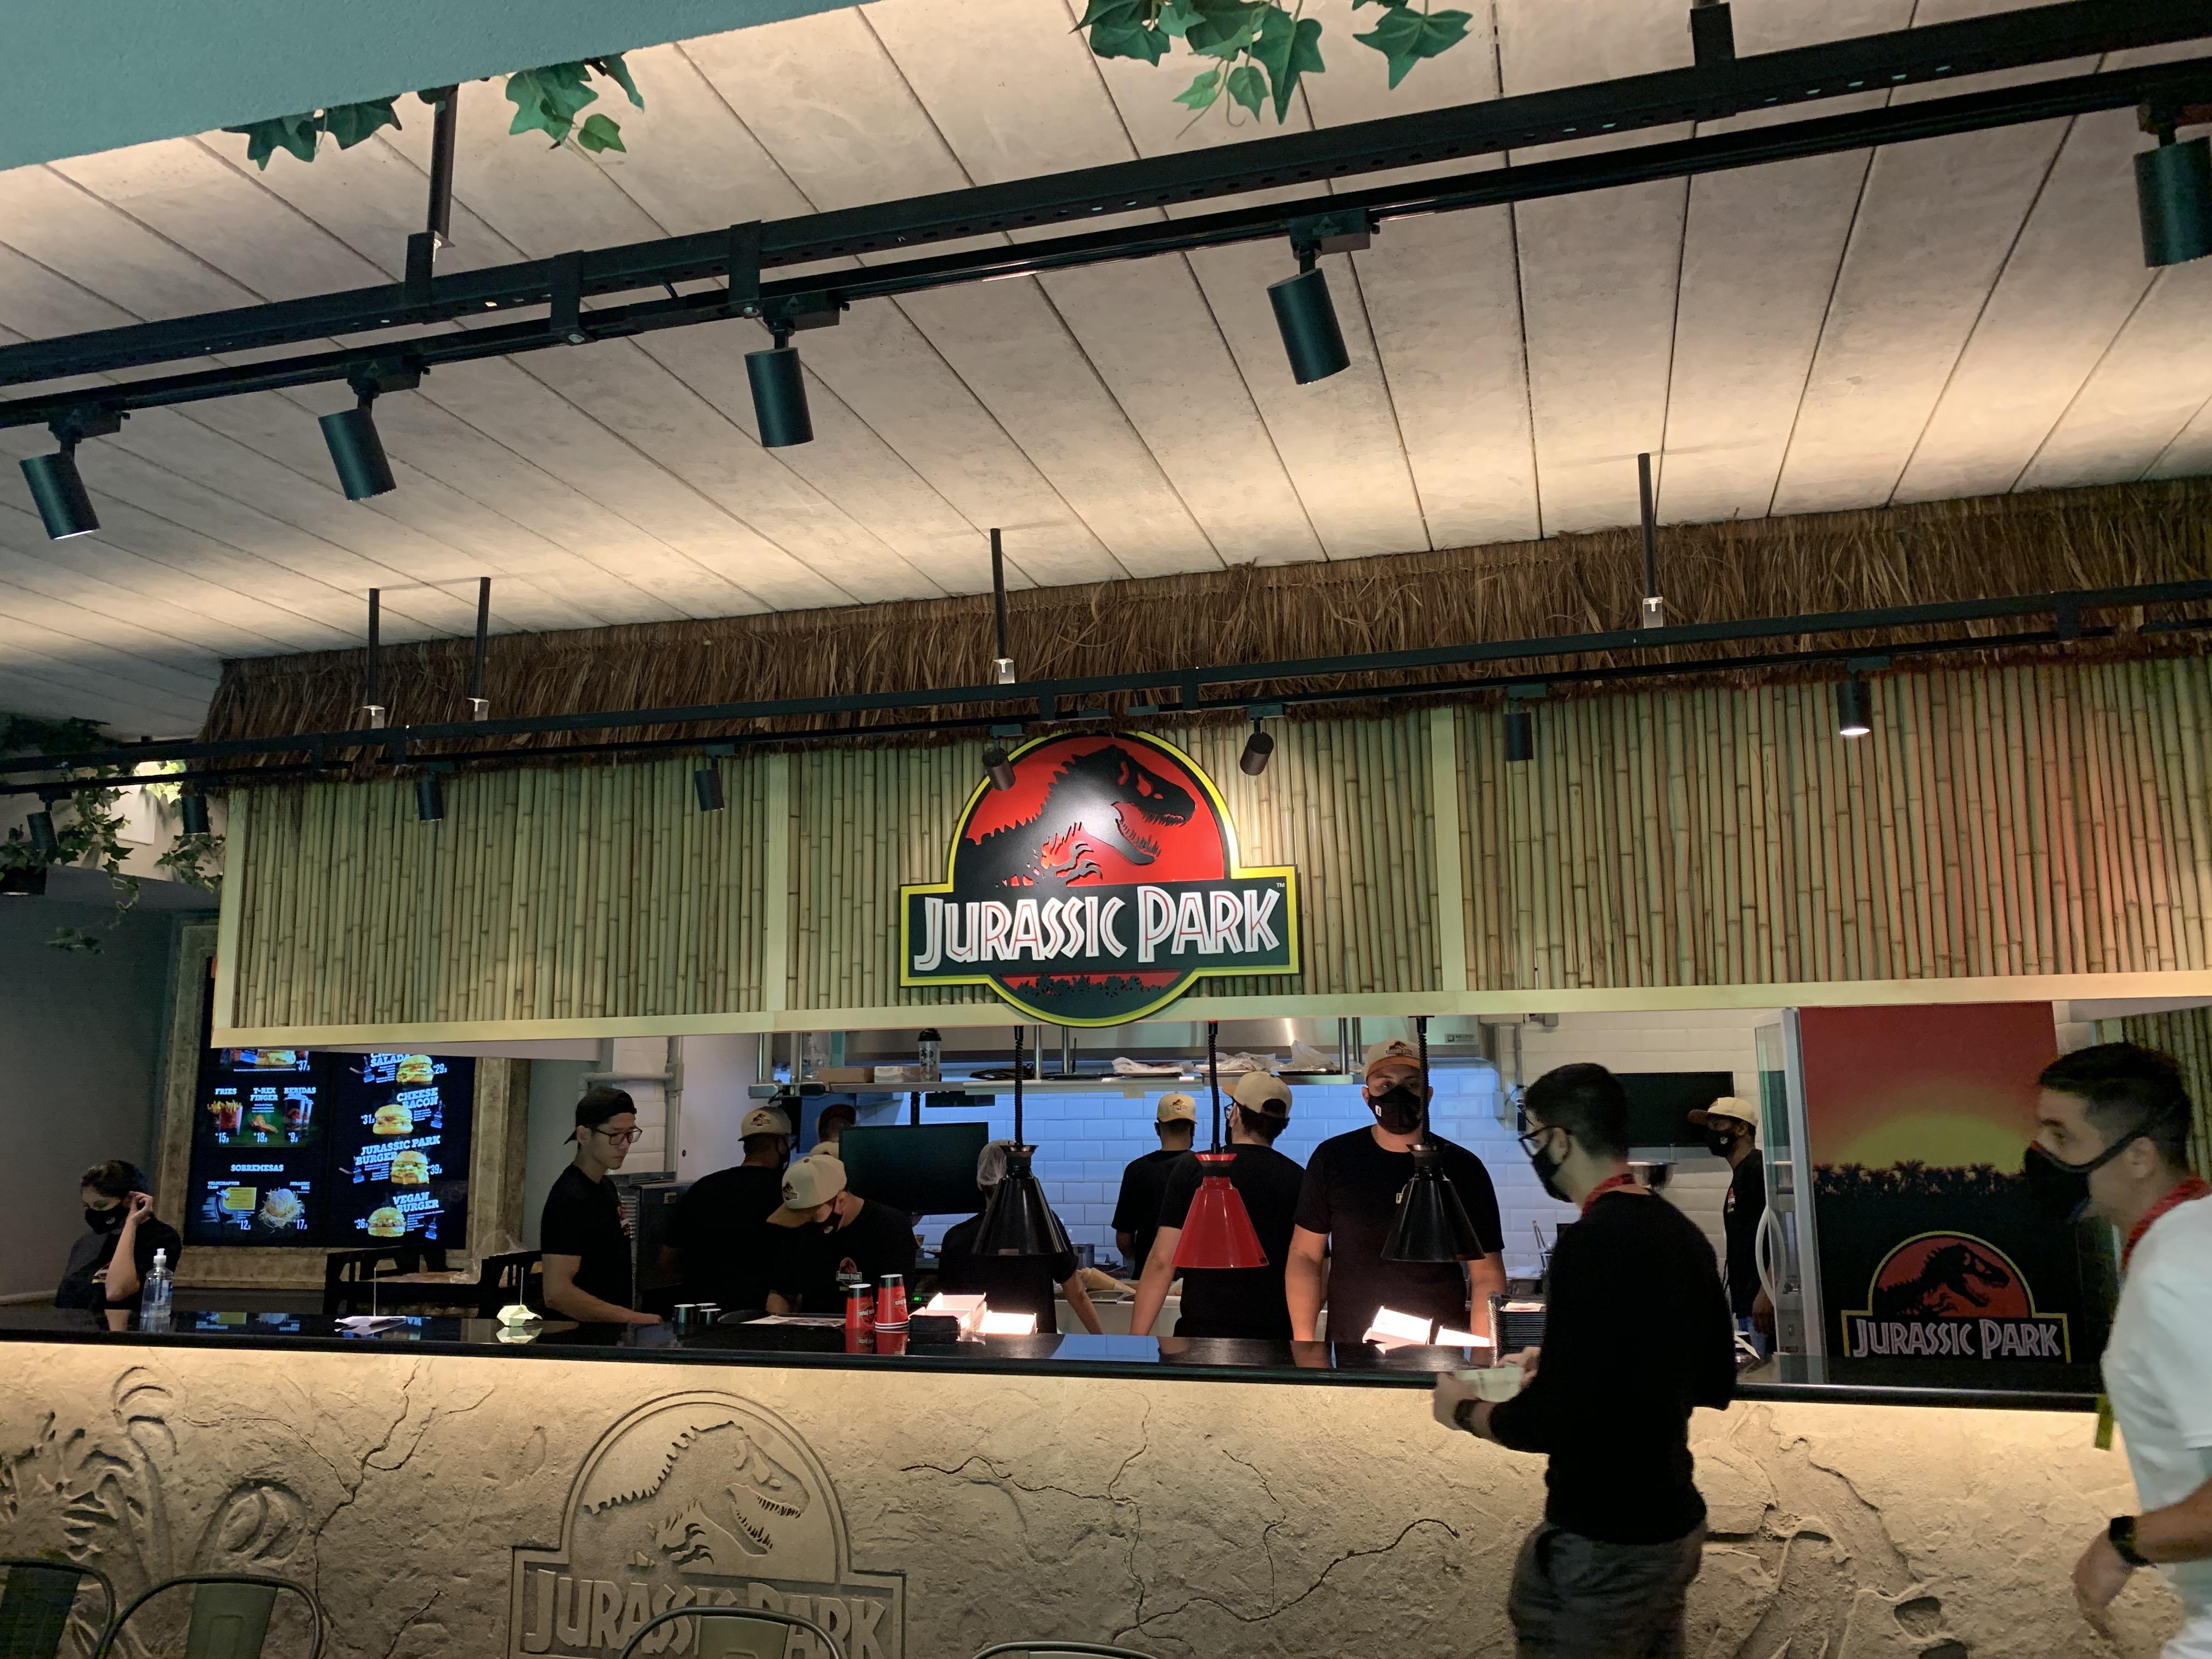 Cozinha da lanchonete Jurassic Park Burger Restaurant aberta para o público. Com balcão de cimento com dinossauro desenhado e teto de bambu.